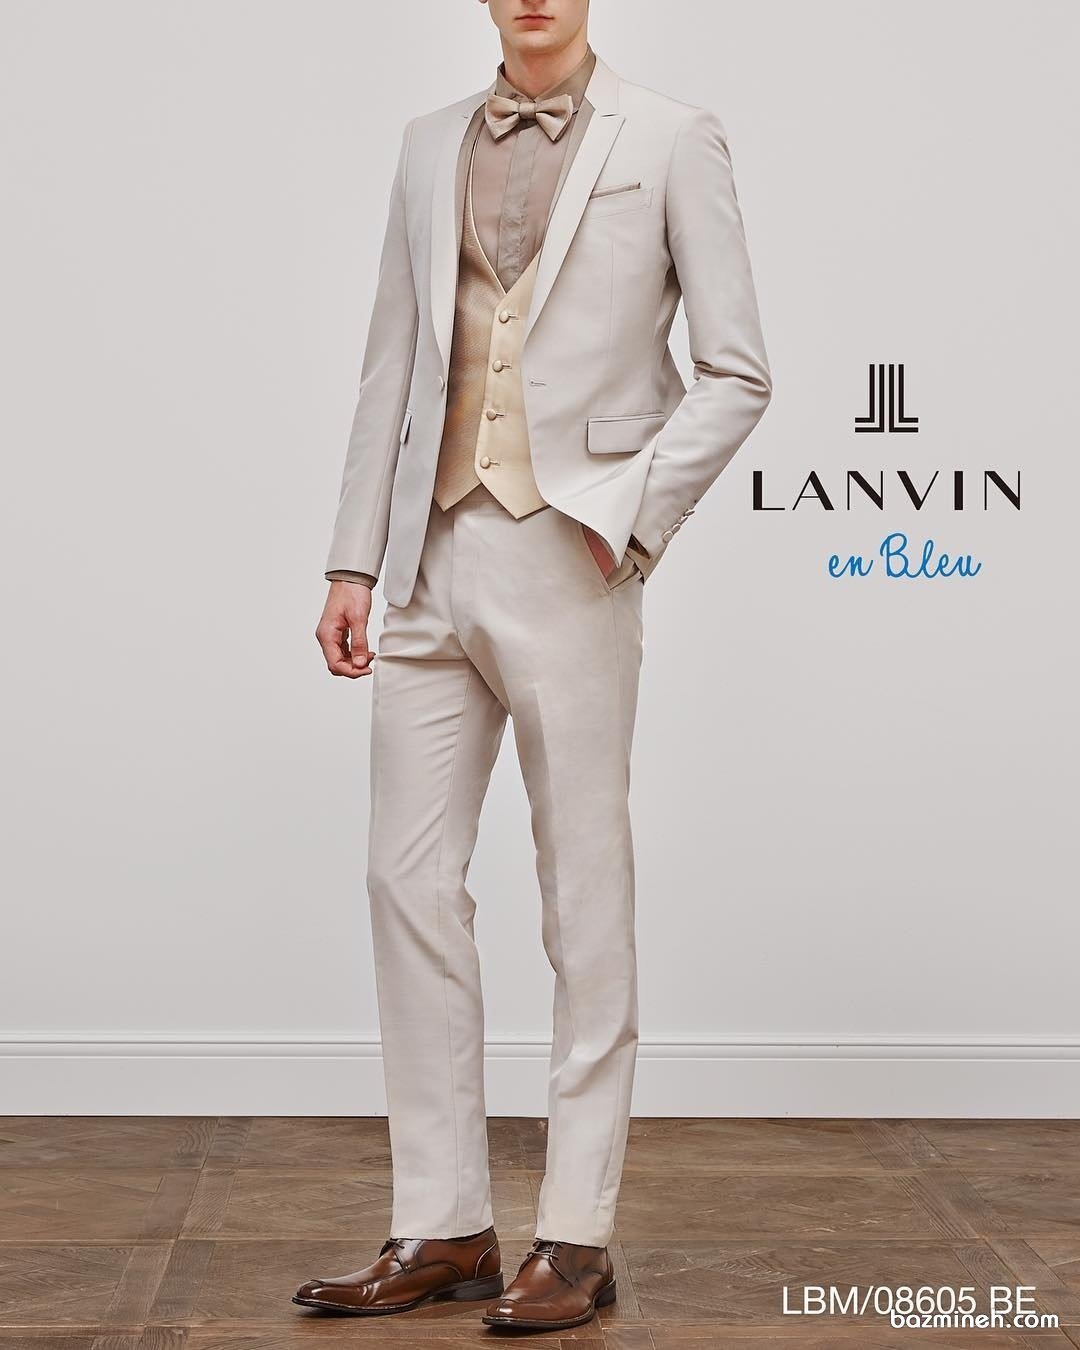 ست کامل لباس آقا داماد مناسب برای جشن نامزدی. به تناسب رنگ پاپیون داماد و کفش او با رنگ کت و شلوار دقت کنید.